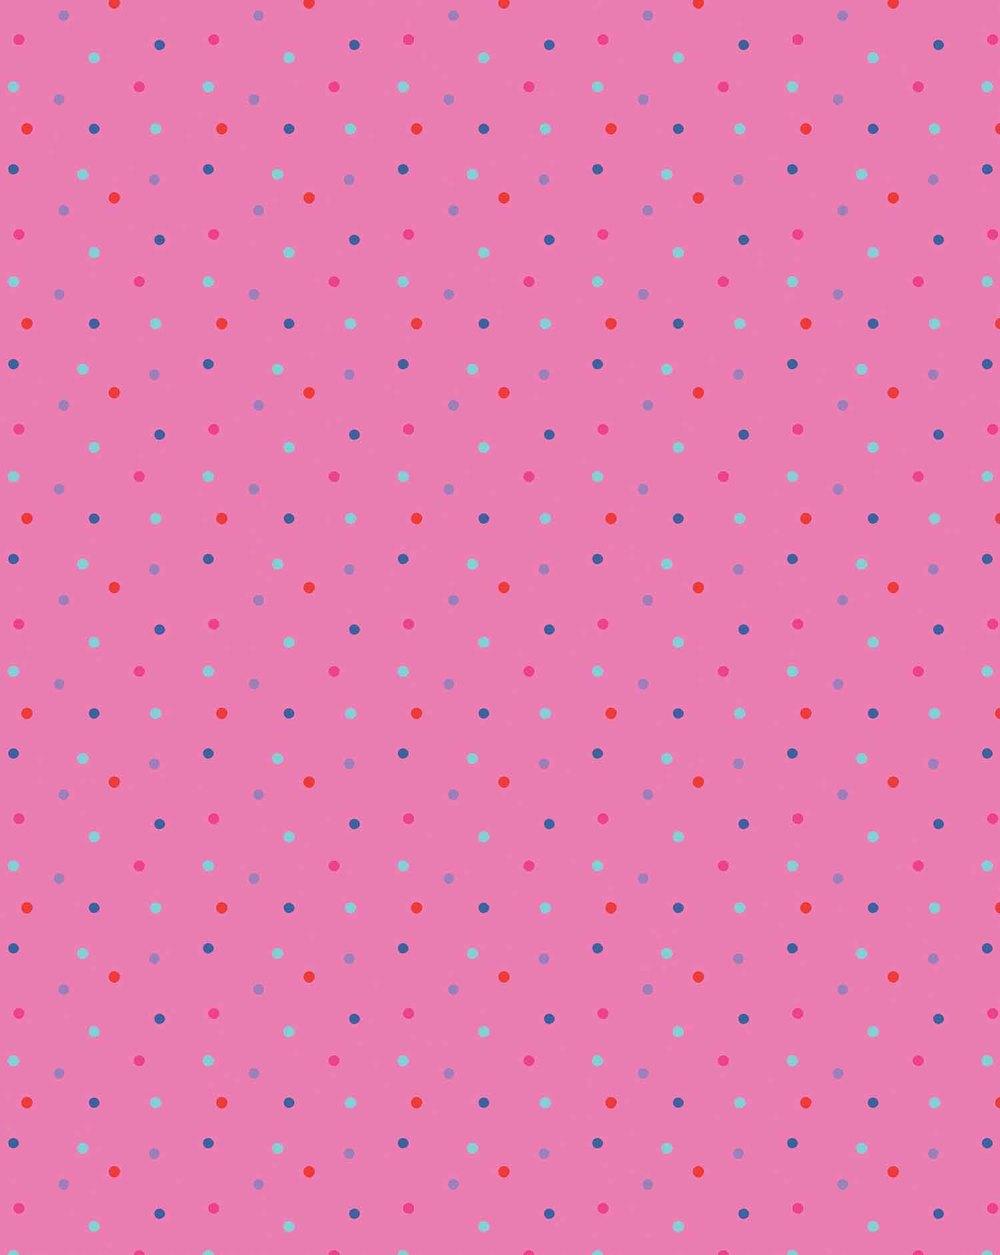 Pink Spot Wrap copy.jpg